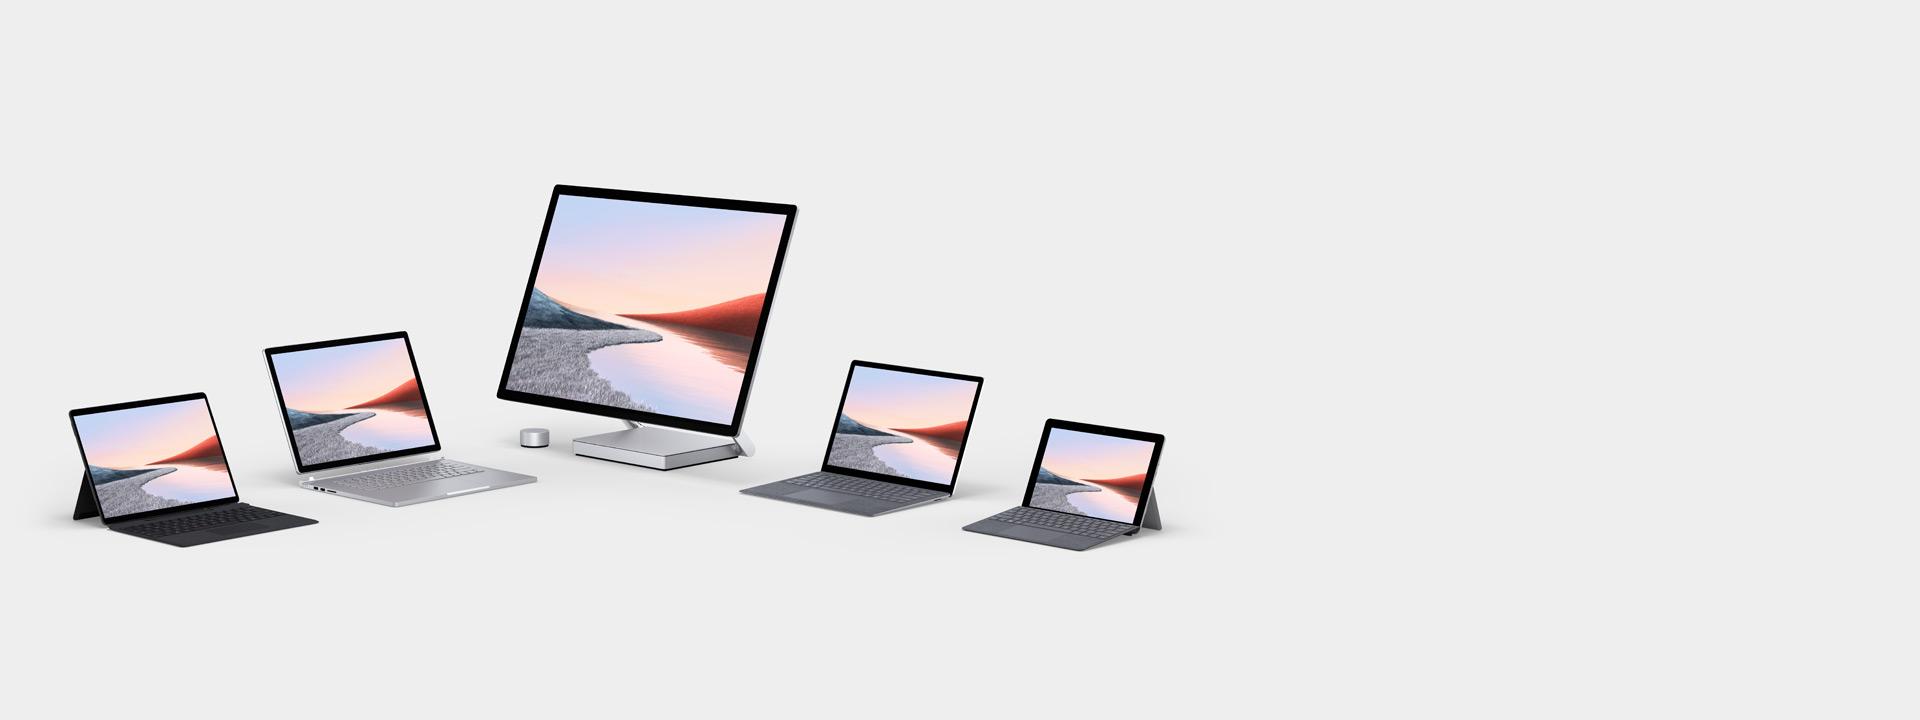 Esposizione di diversi computer Surface